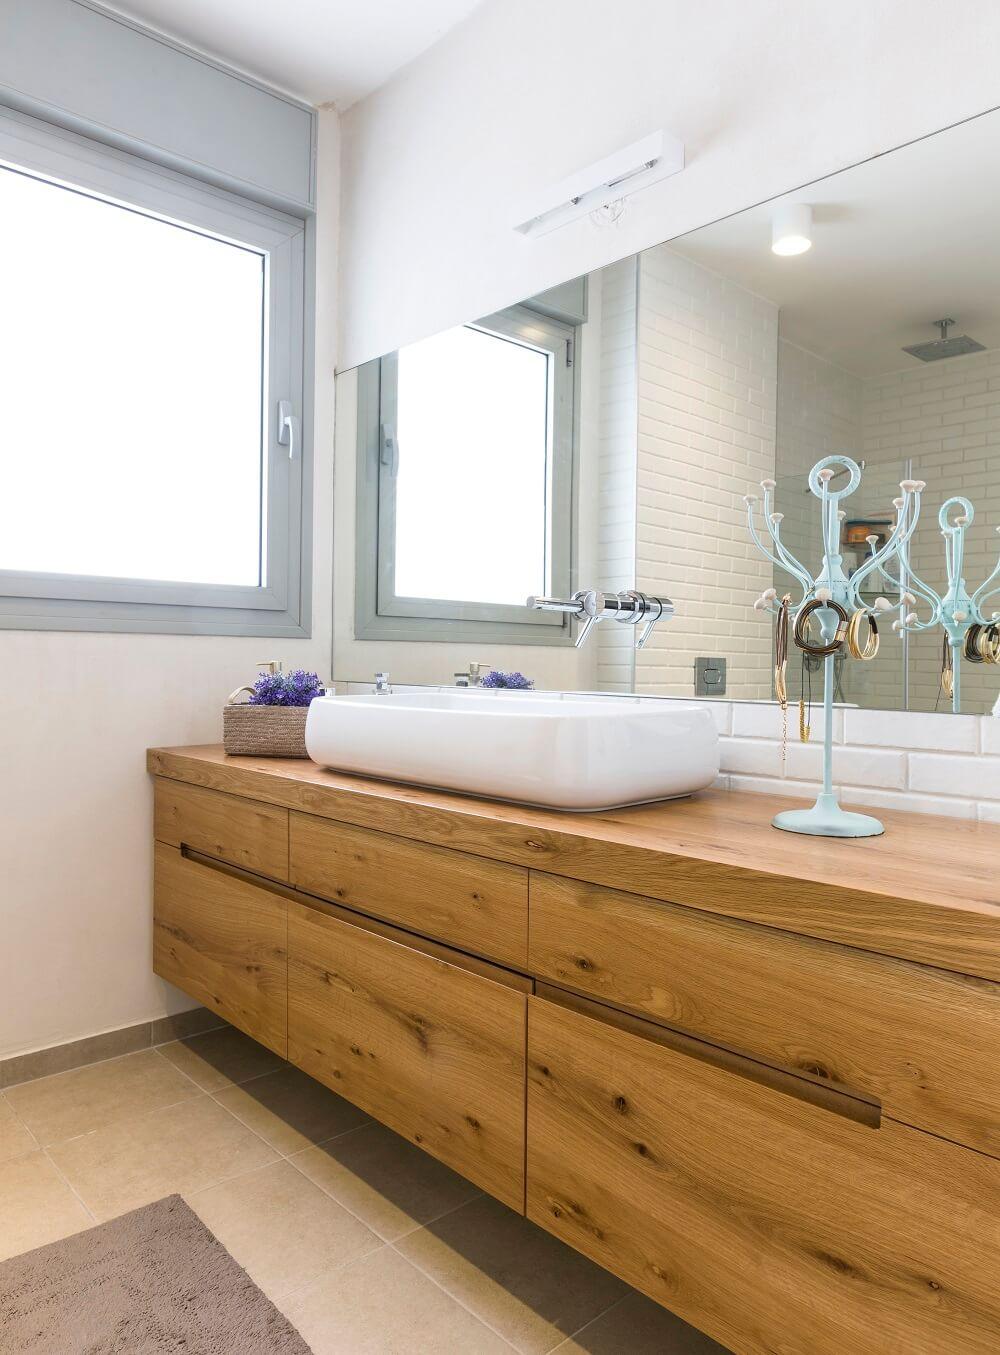 ארון אמבטיה כפרי מעוצב